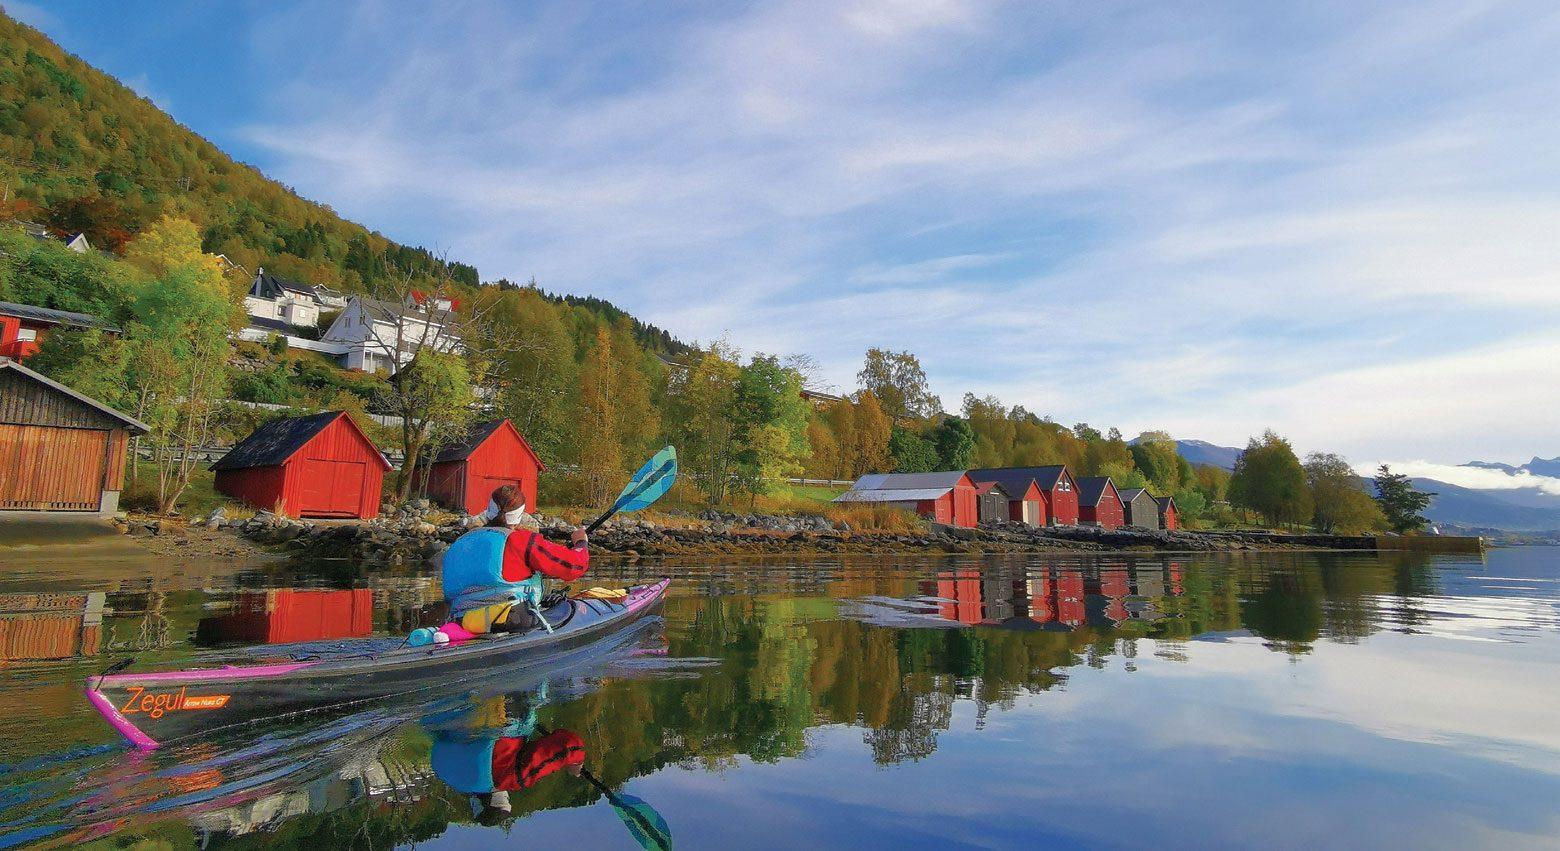 Jeg hadde aldri padlet i Ørstafjorden tidligere. De mange vakre visuelle inntrykkene som møtte meg denne lørdagen kommer jeg sent til å glemme